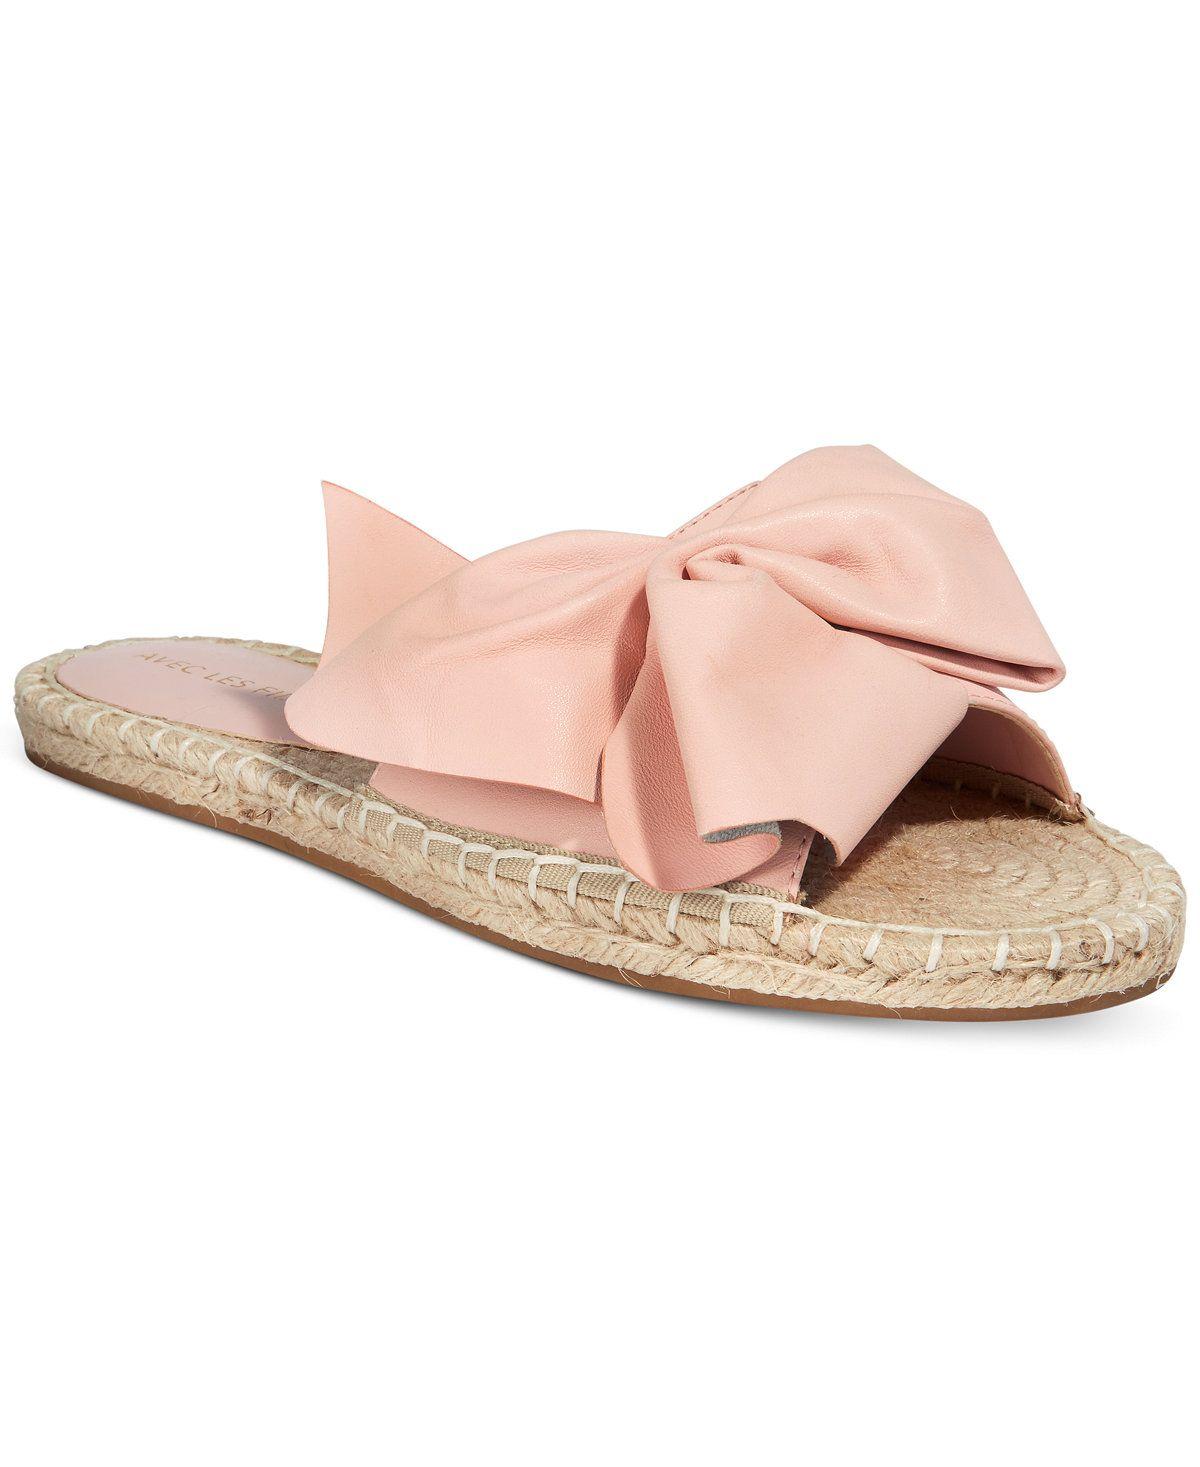 beaa78a99029 Avec Les Filles Gemma Slide Bow Sandals - Avec Les Filles - Shoes - Macy s